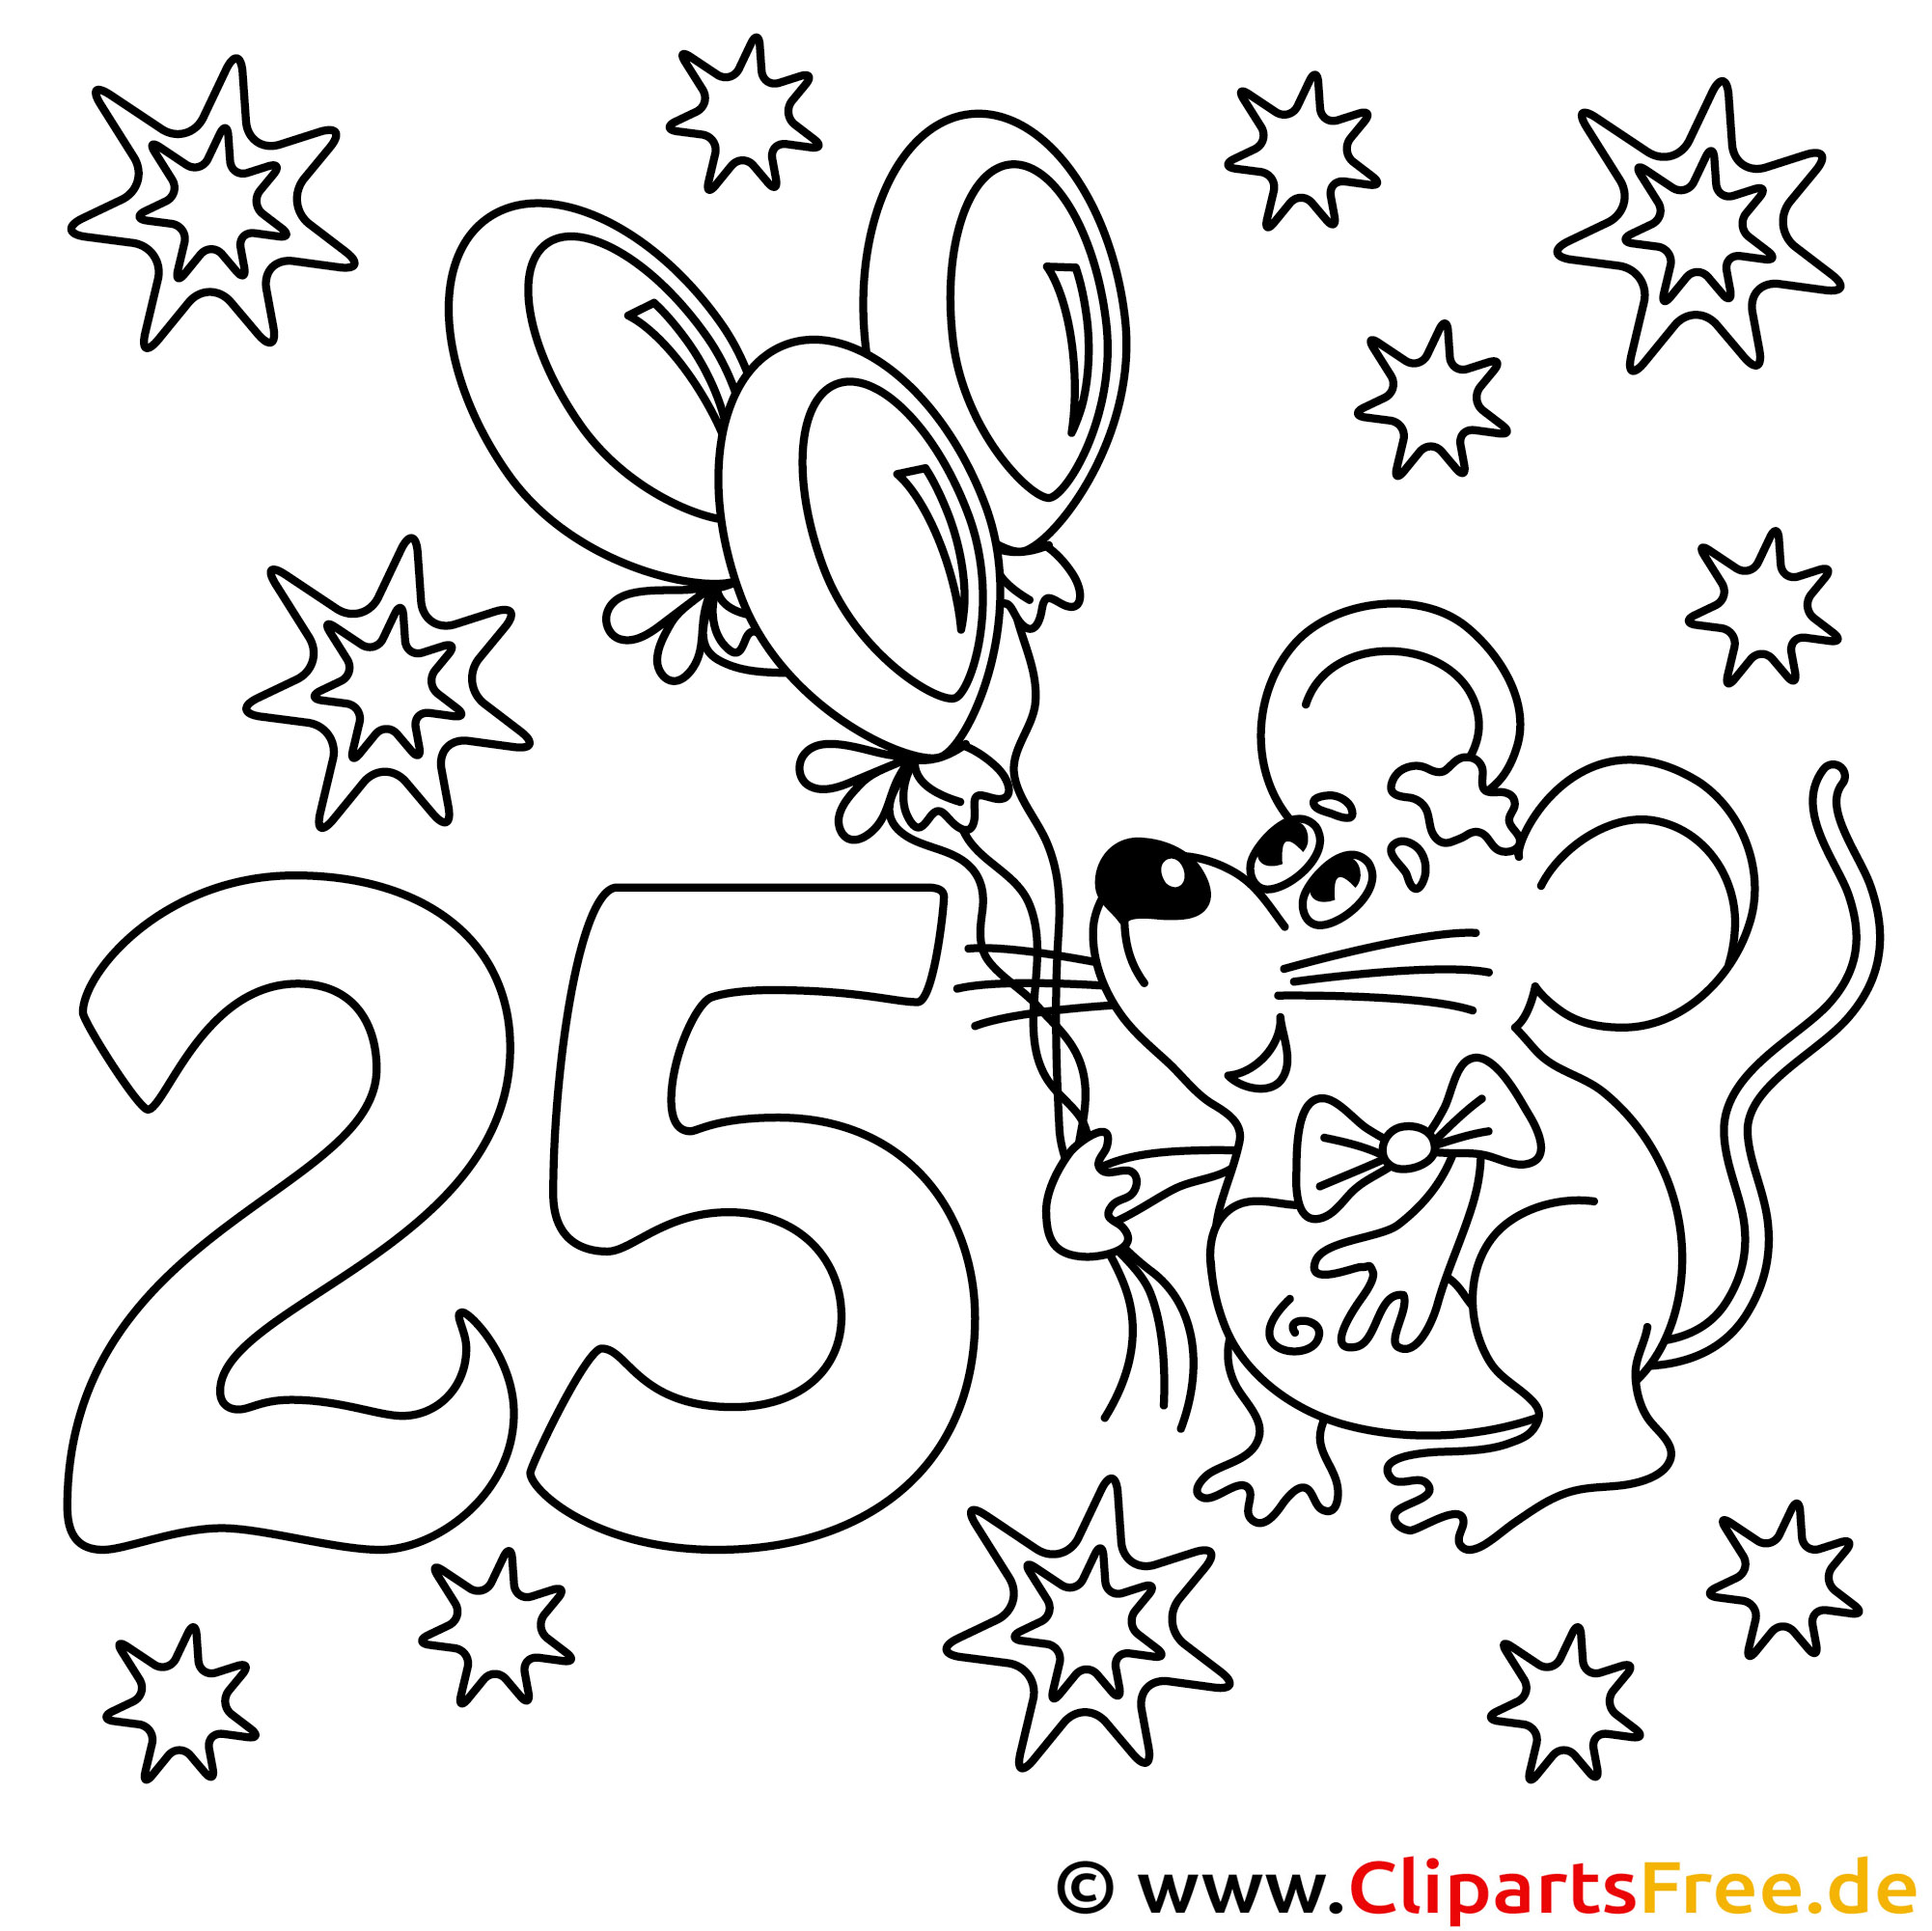 Malvorlage zum 25 Geburtstag - Ausmalbilder Happy Birthday